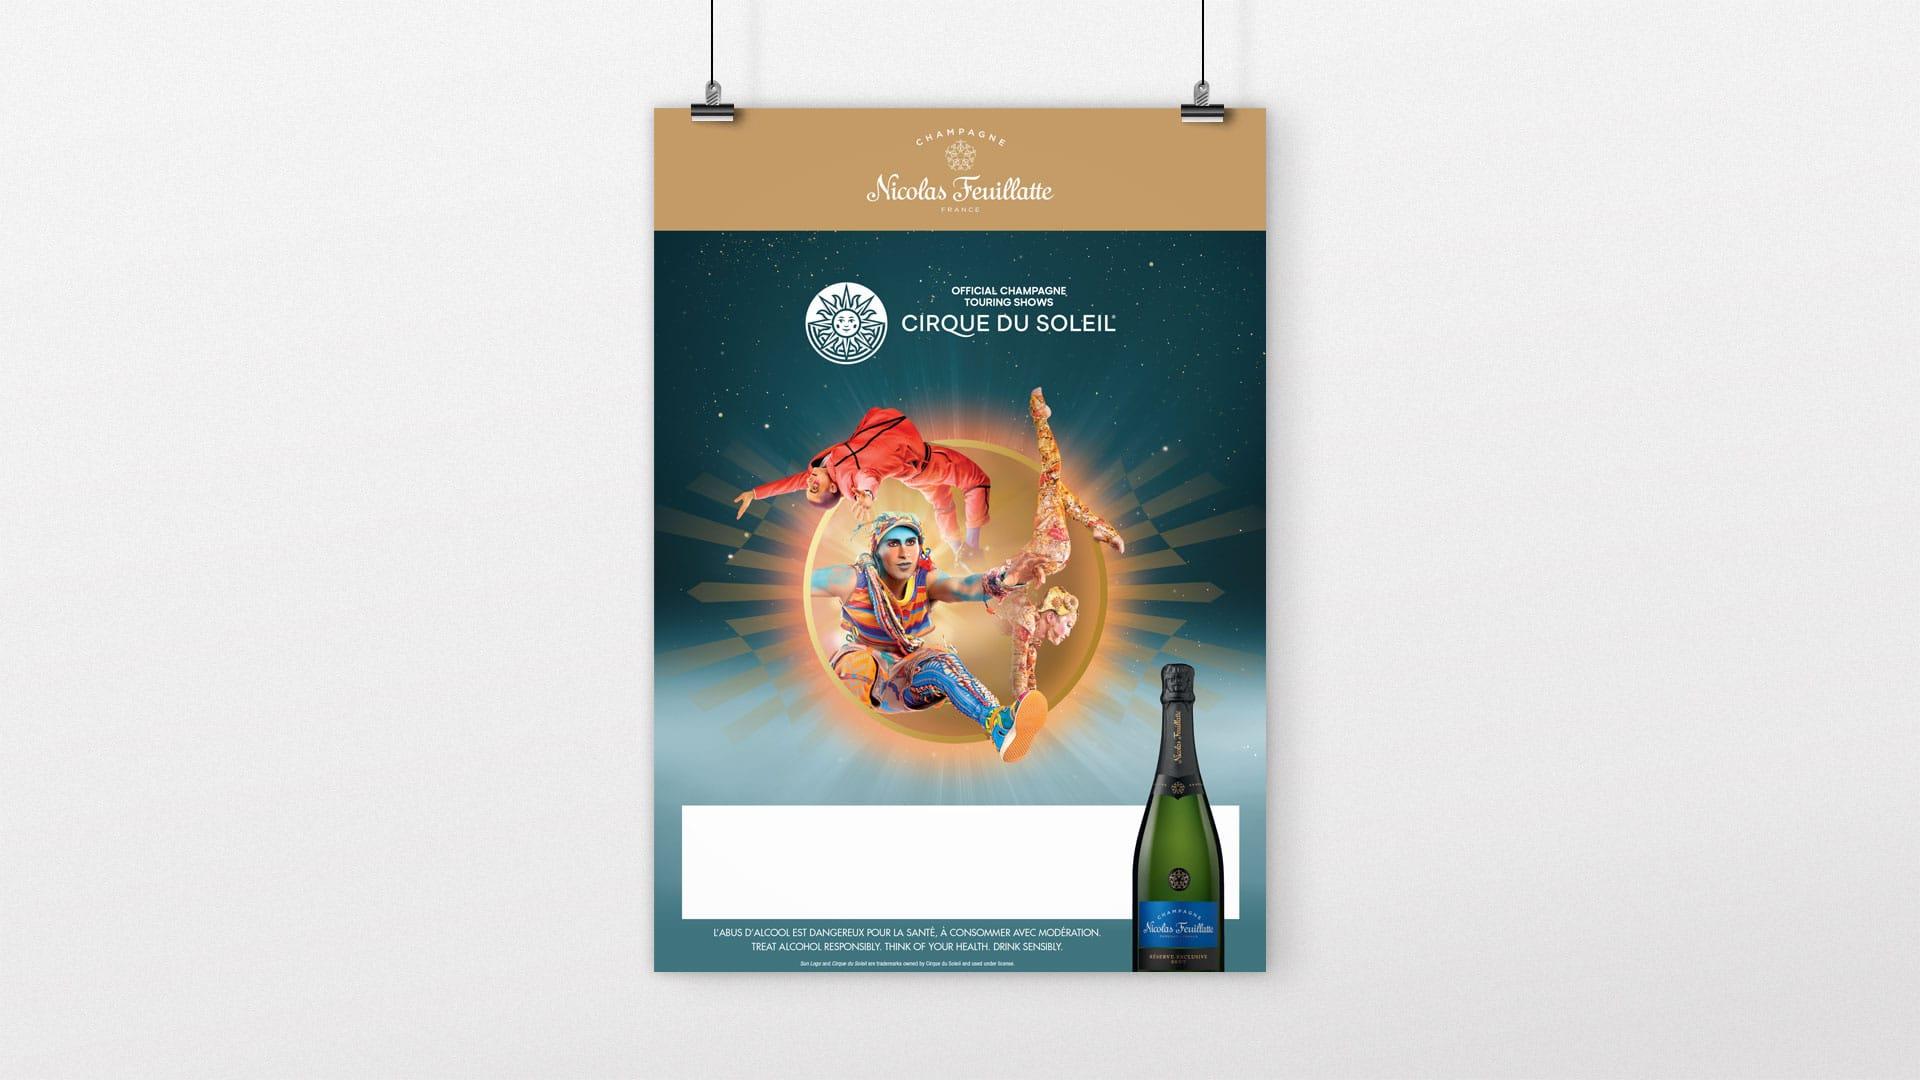 Il y a un poster de la marque de champagne Nicolas Feuillatte qui met en avant son partenariat avec le Cirque du Soleil. Support réalisé par l'agence de communication print Siouxe.